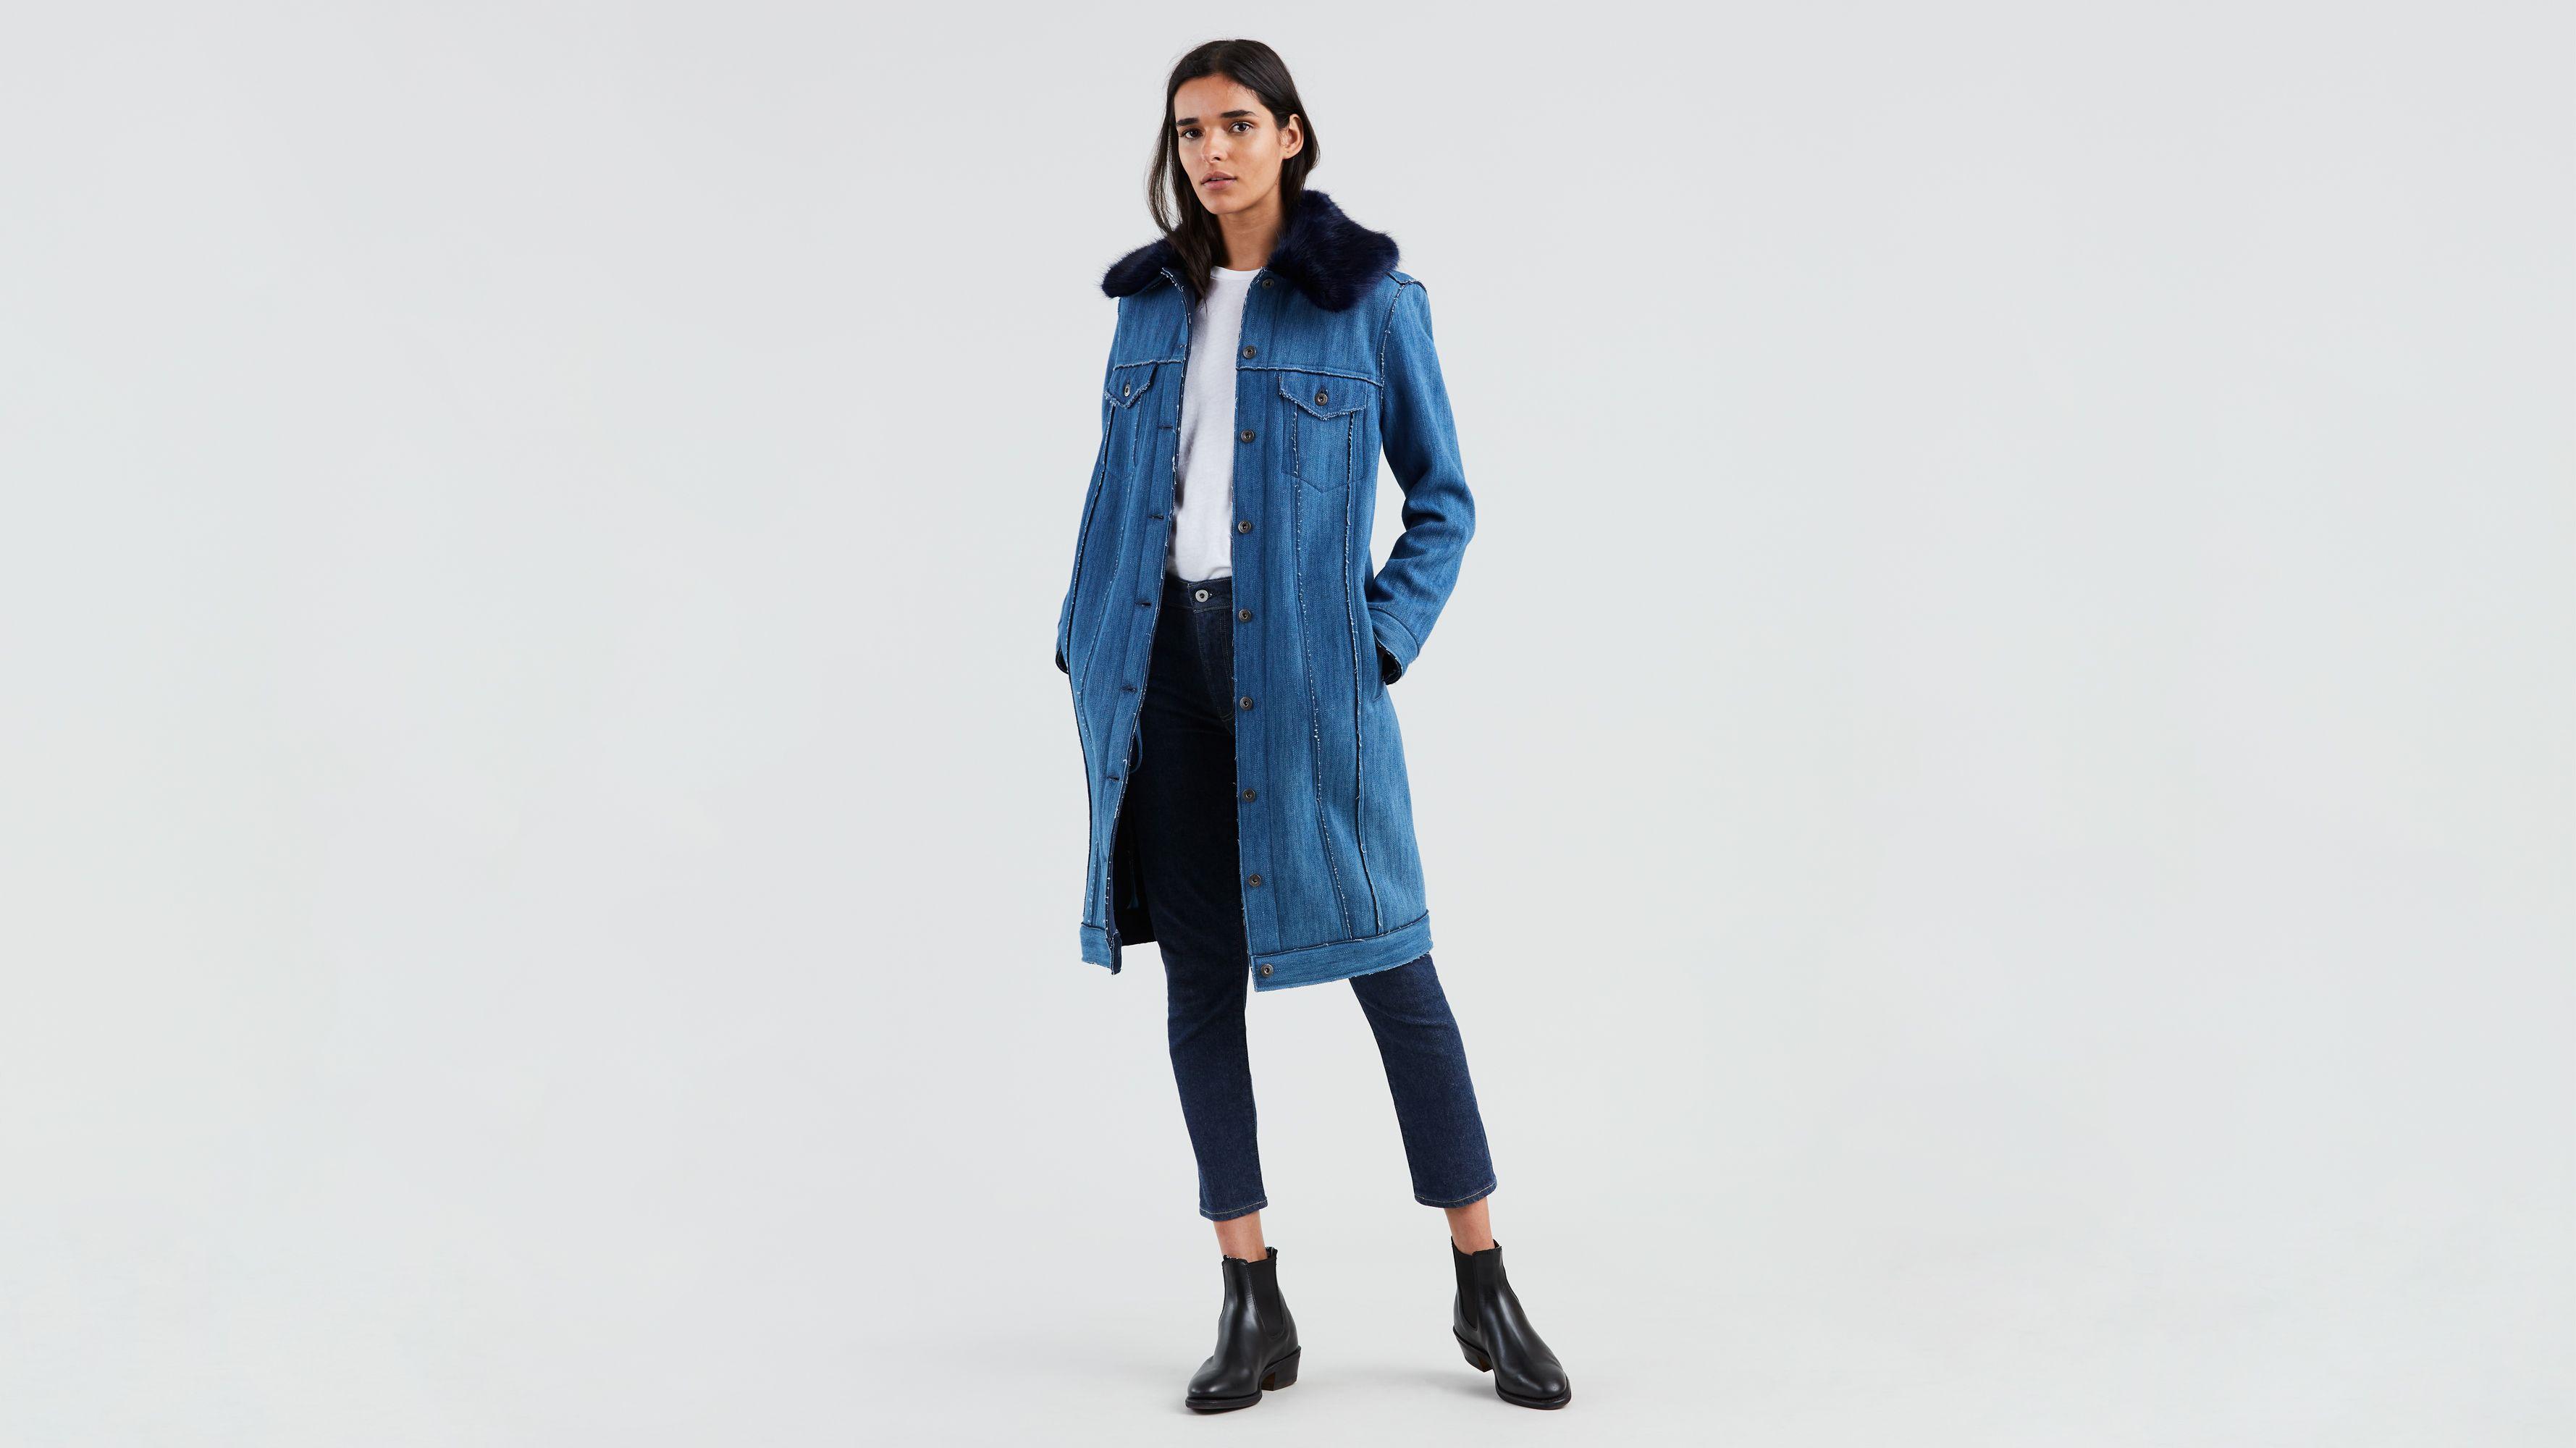 Outerwear Winter Girls Coat By M&s Indigo Size 12-18 Months